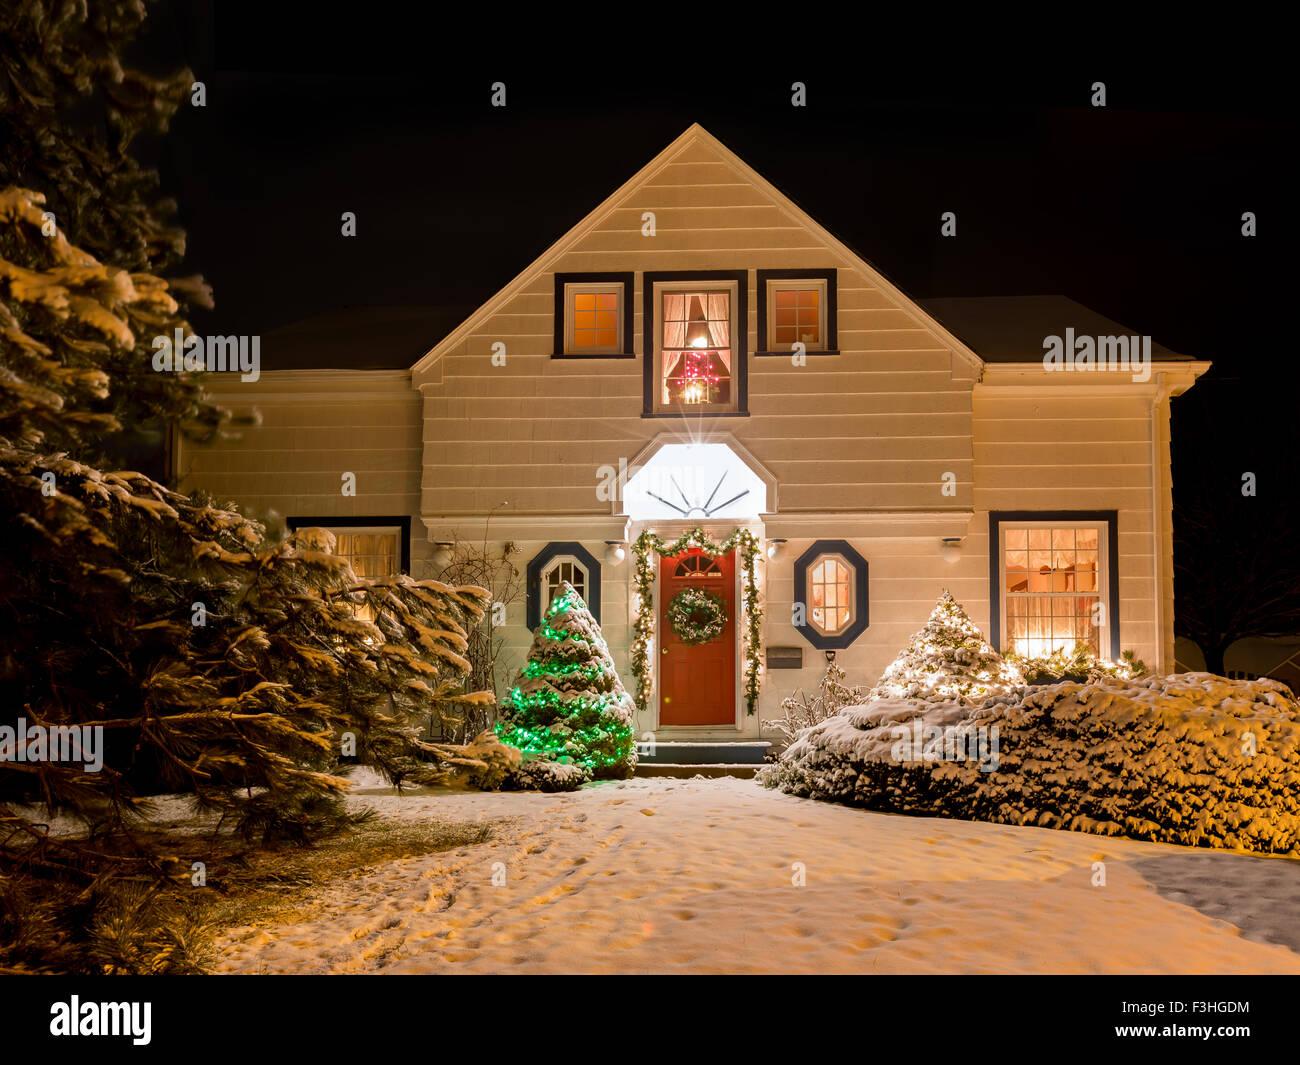 Une maison décorée avec une couronne, guirlande et lumières de Noël une nuit d'hiver claire. Photo Stock